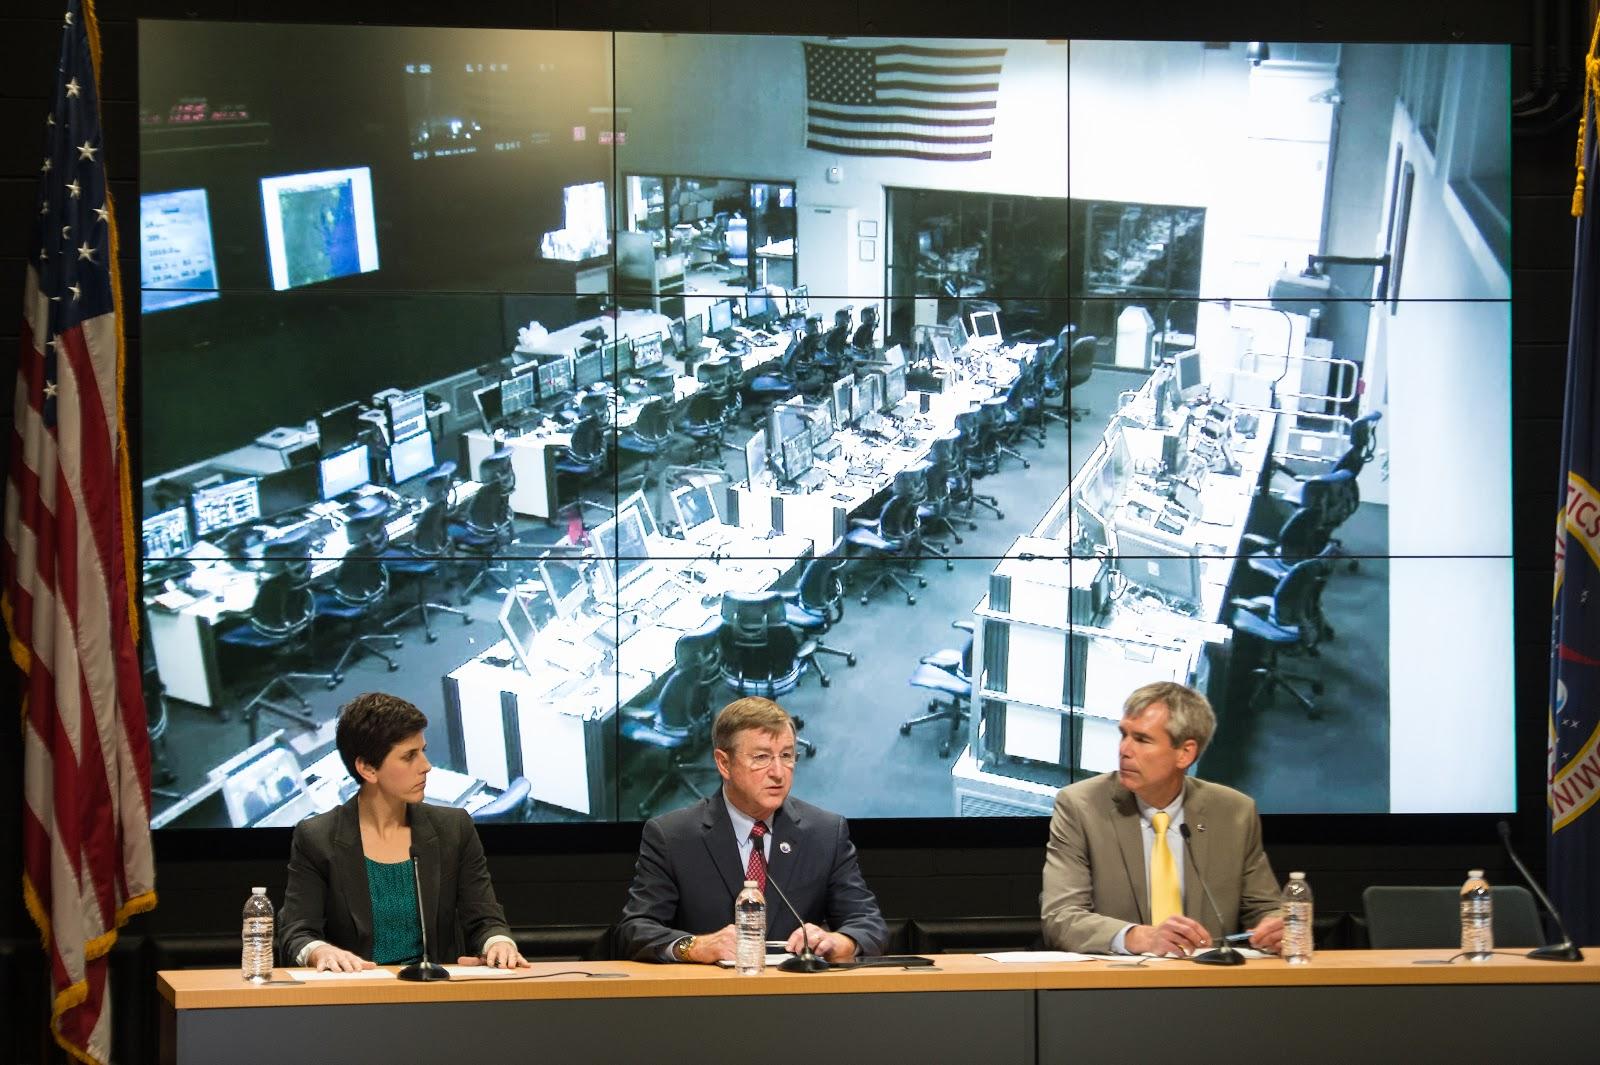 Rachel Kraft là phát ngôn viên của NASA (trái), Frank Culbertson là phó chủ tịch ở Tập đoàn Orbital Sciences (giữa) và Bill Wrobel là giám đốc bãi phóng Wallops của NASA (phải) trong một buổi họp báo được tổ chức sau khi sự cố xảy ra vào tối ngày 28/10/2014. Bản quyền hình ảnh : NASA/Joel Kowsky.